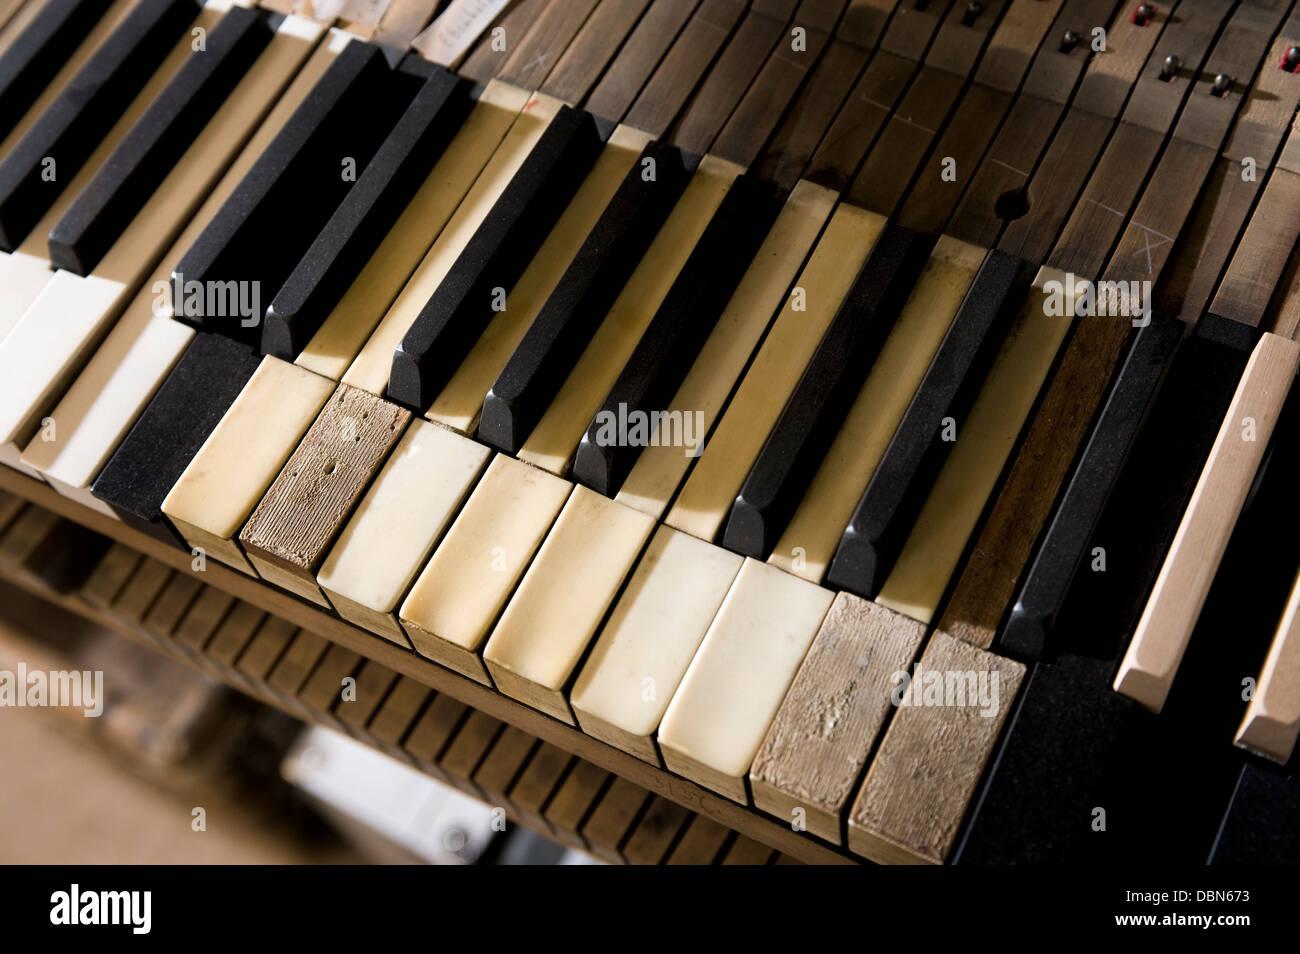 Used Piano keys, Regensburg, Bavaria, Germany Stock Photo